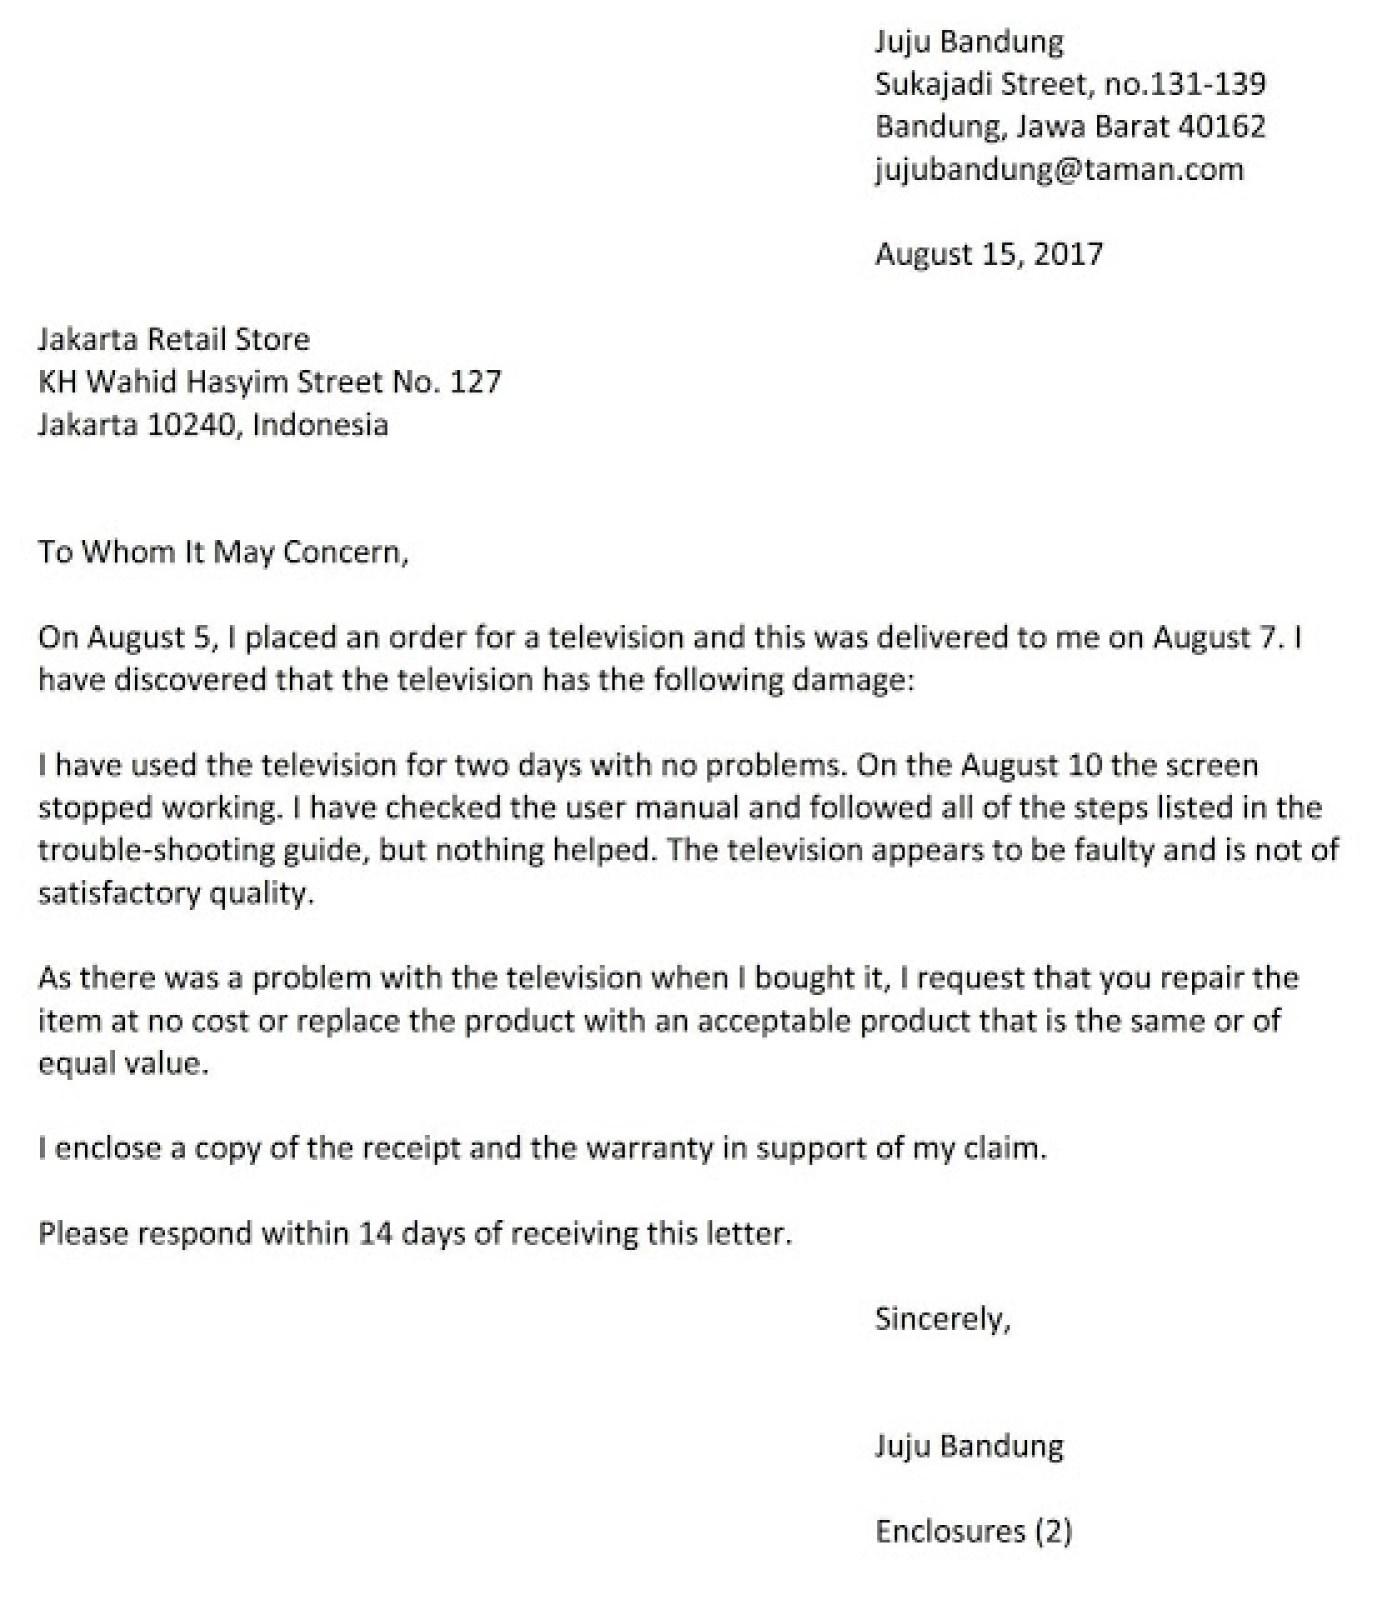 10 Contoh Surat Pengaduang Barang Dan Balasan Pengaduan